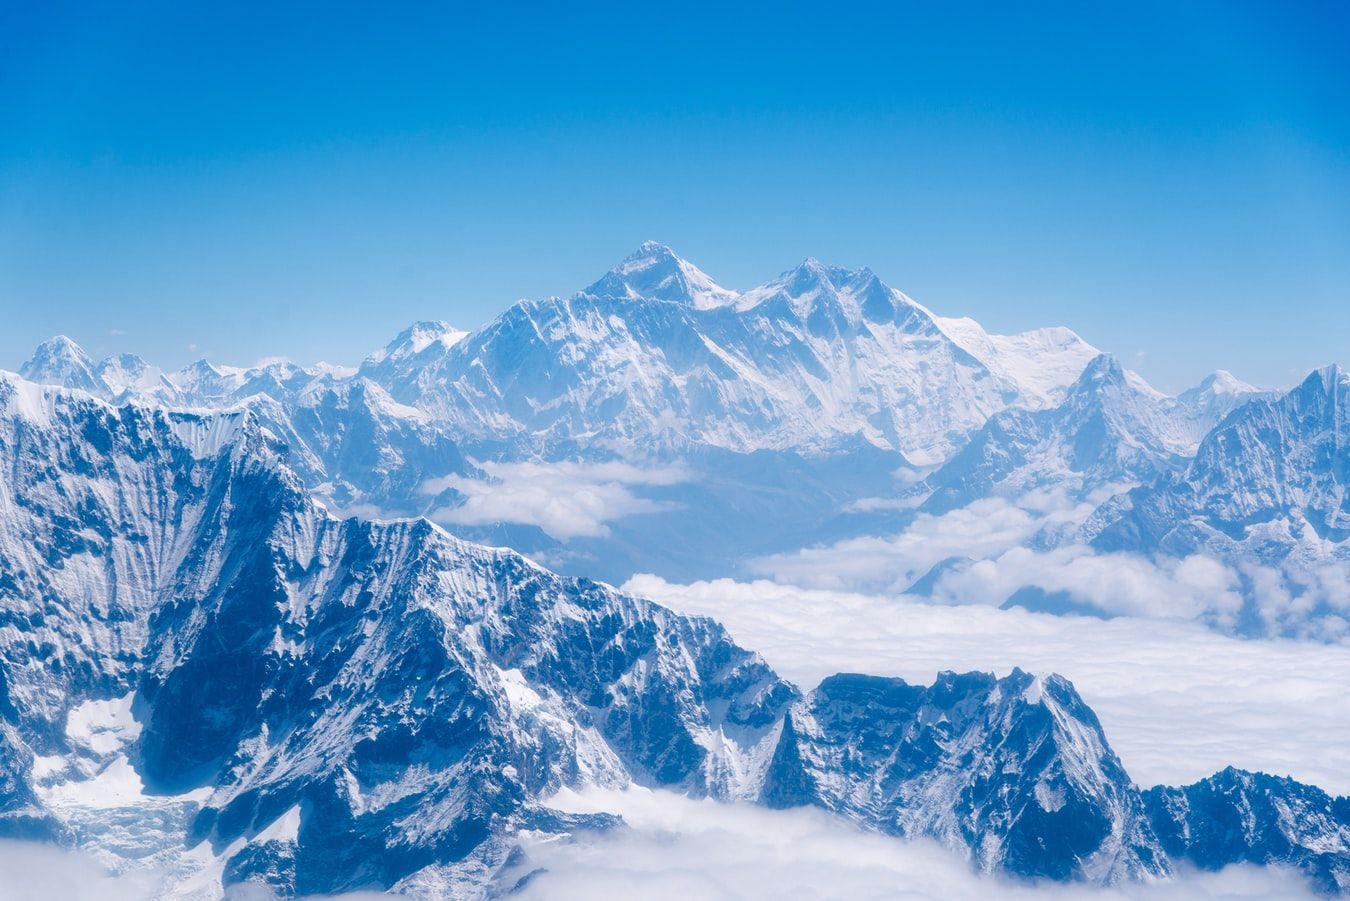 Co wiesz o Mount Everest? quiz